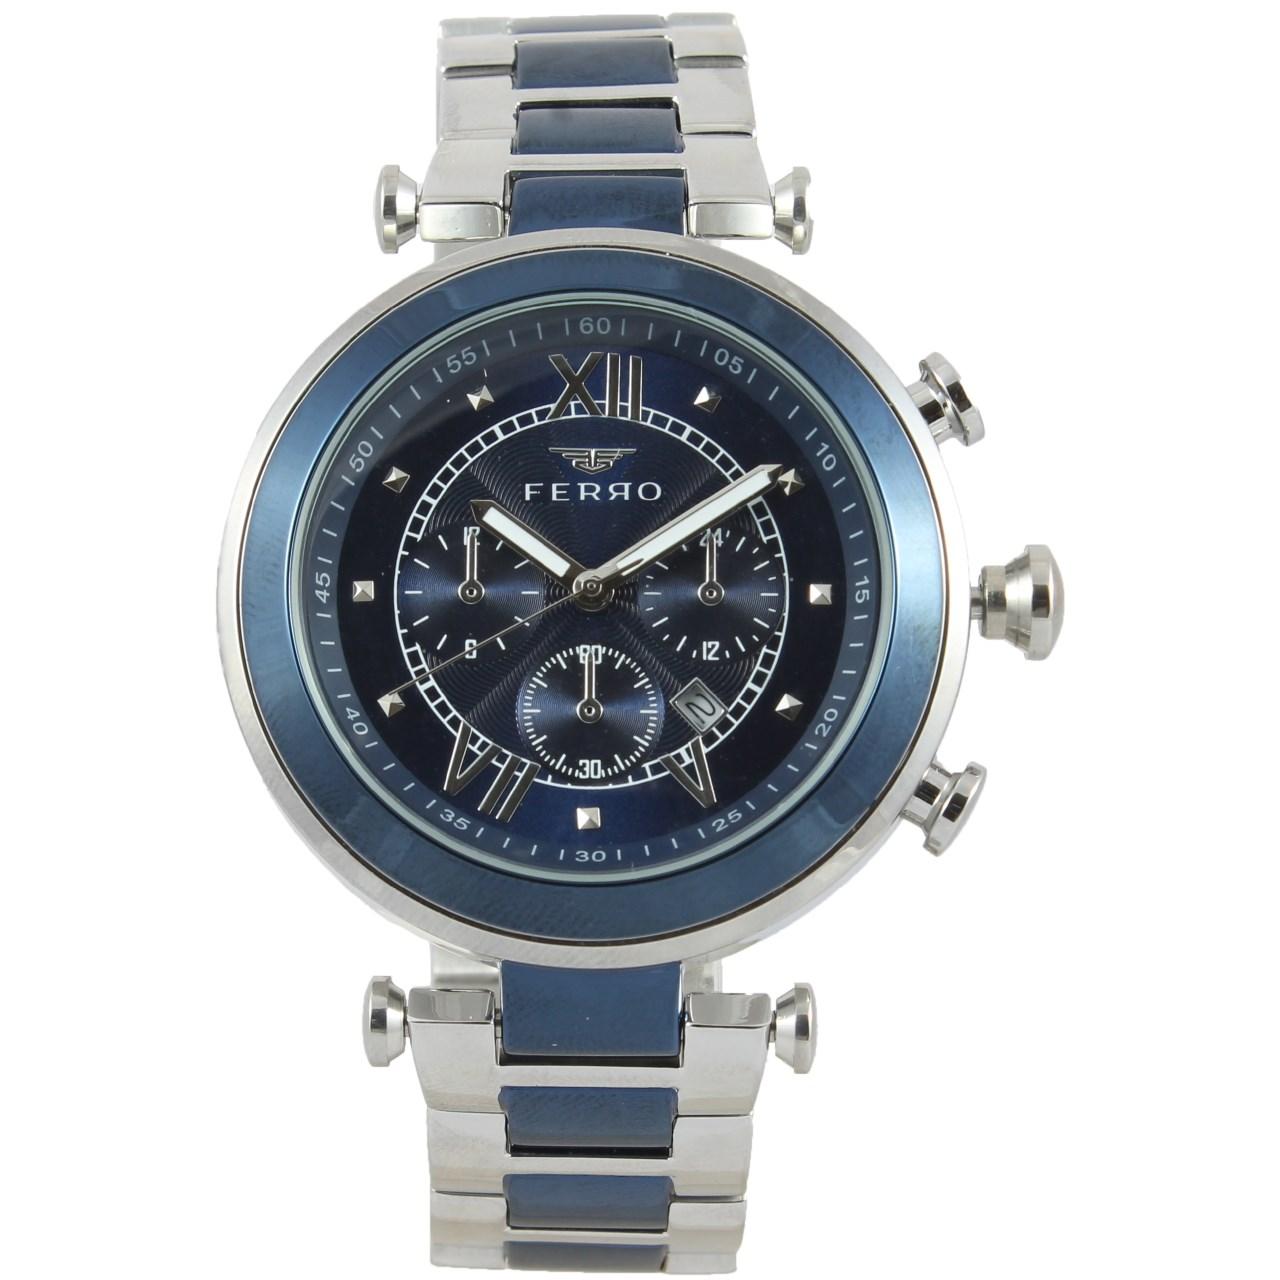 ساعت مچی عقربه ای مردانه فرو مدل F71678-632-L